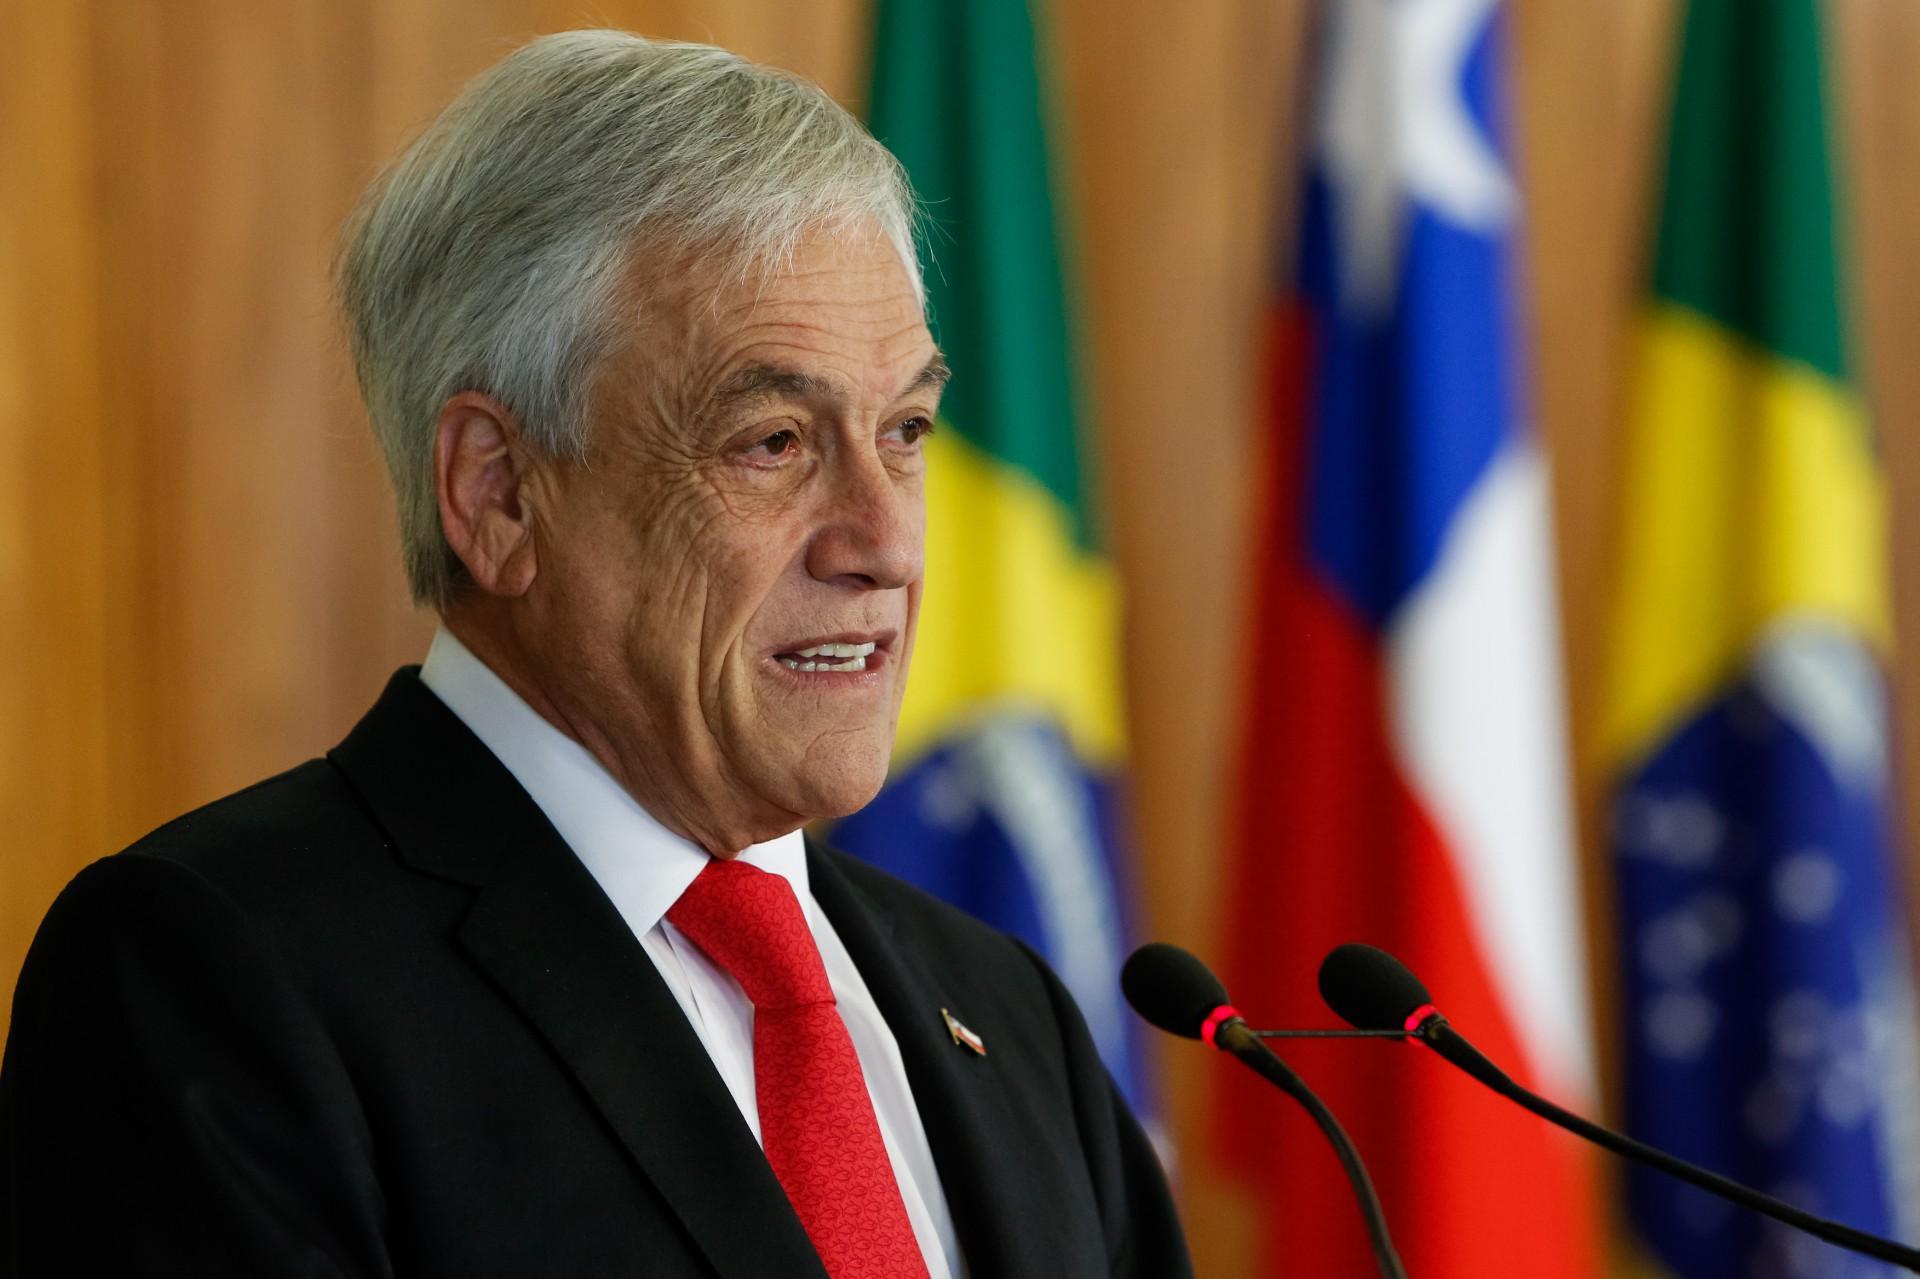 Sebastián Piñera tem sido pressionado pela população em razão das medidas que seu governo tem tomado no aspecto social